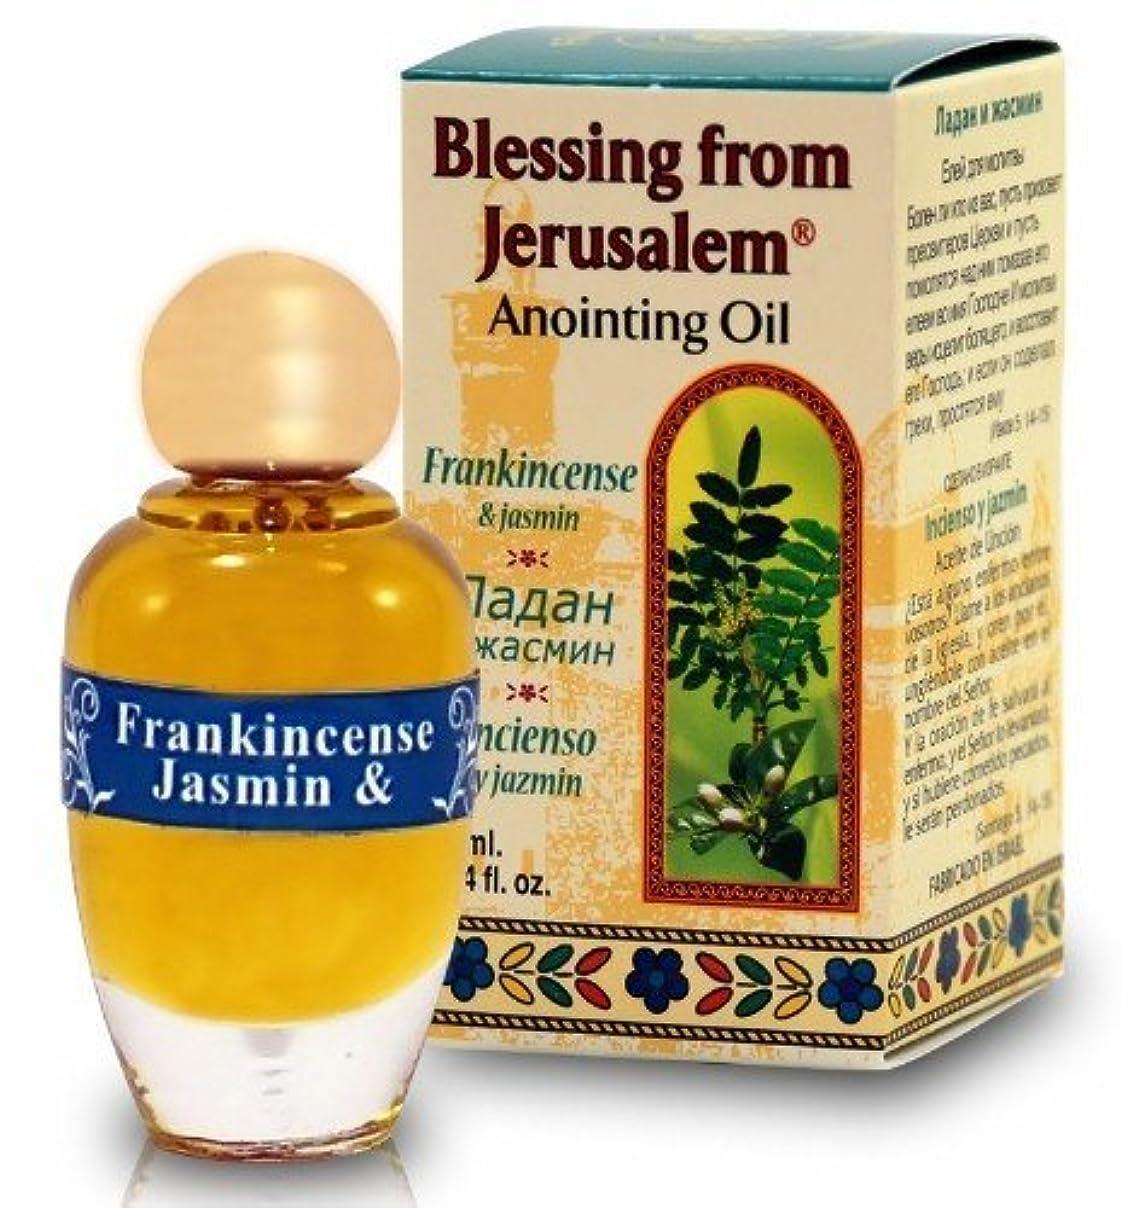 緩めるウミウシ結果Top Seller Frankincense &ジャスミンAnointing Oil byベツレヘムギフトTM